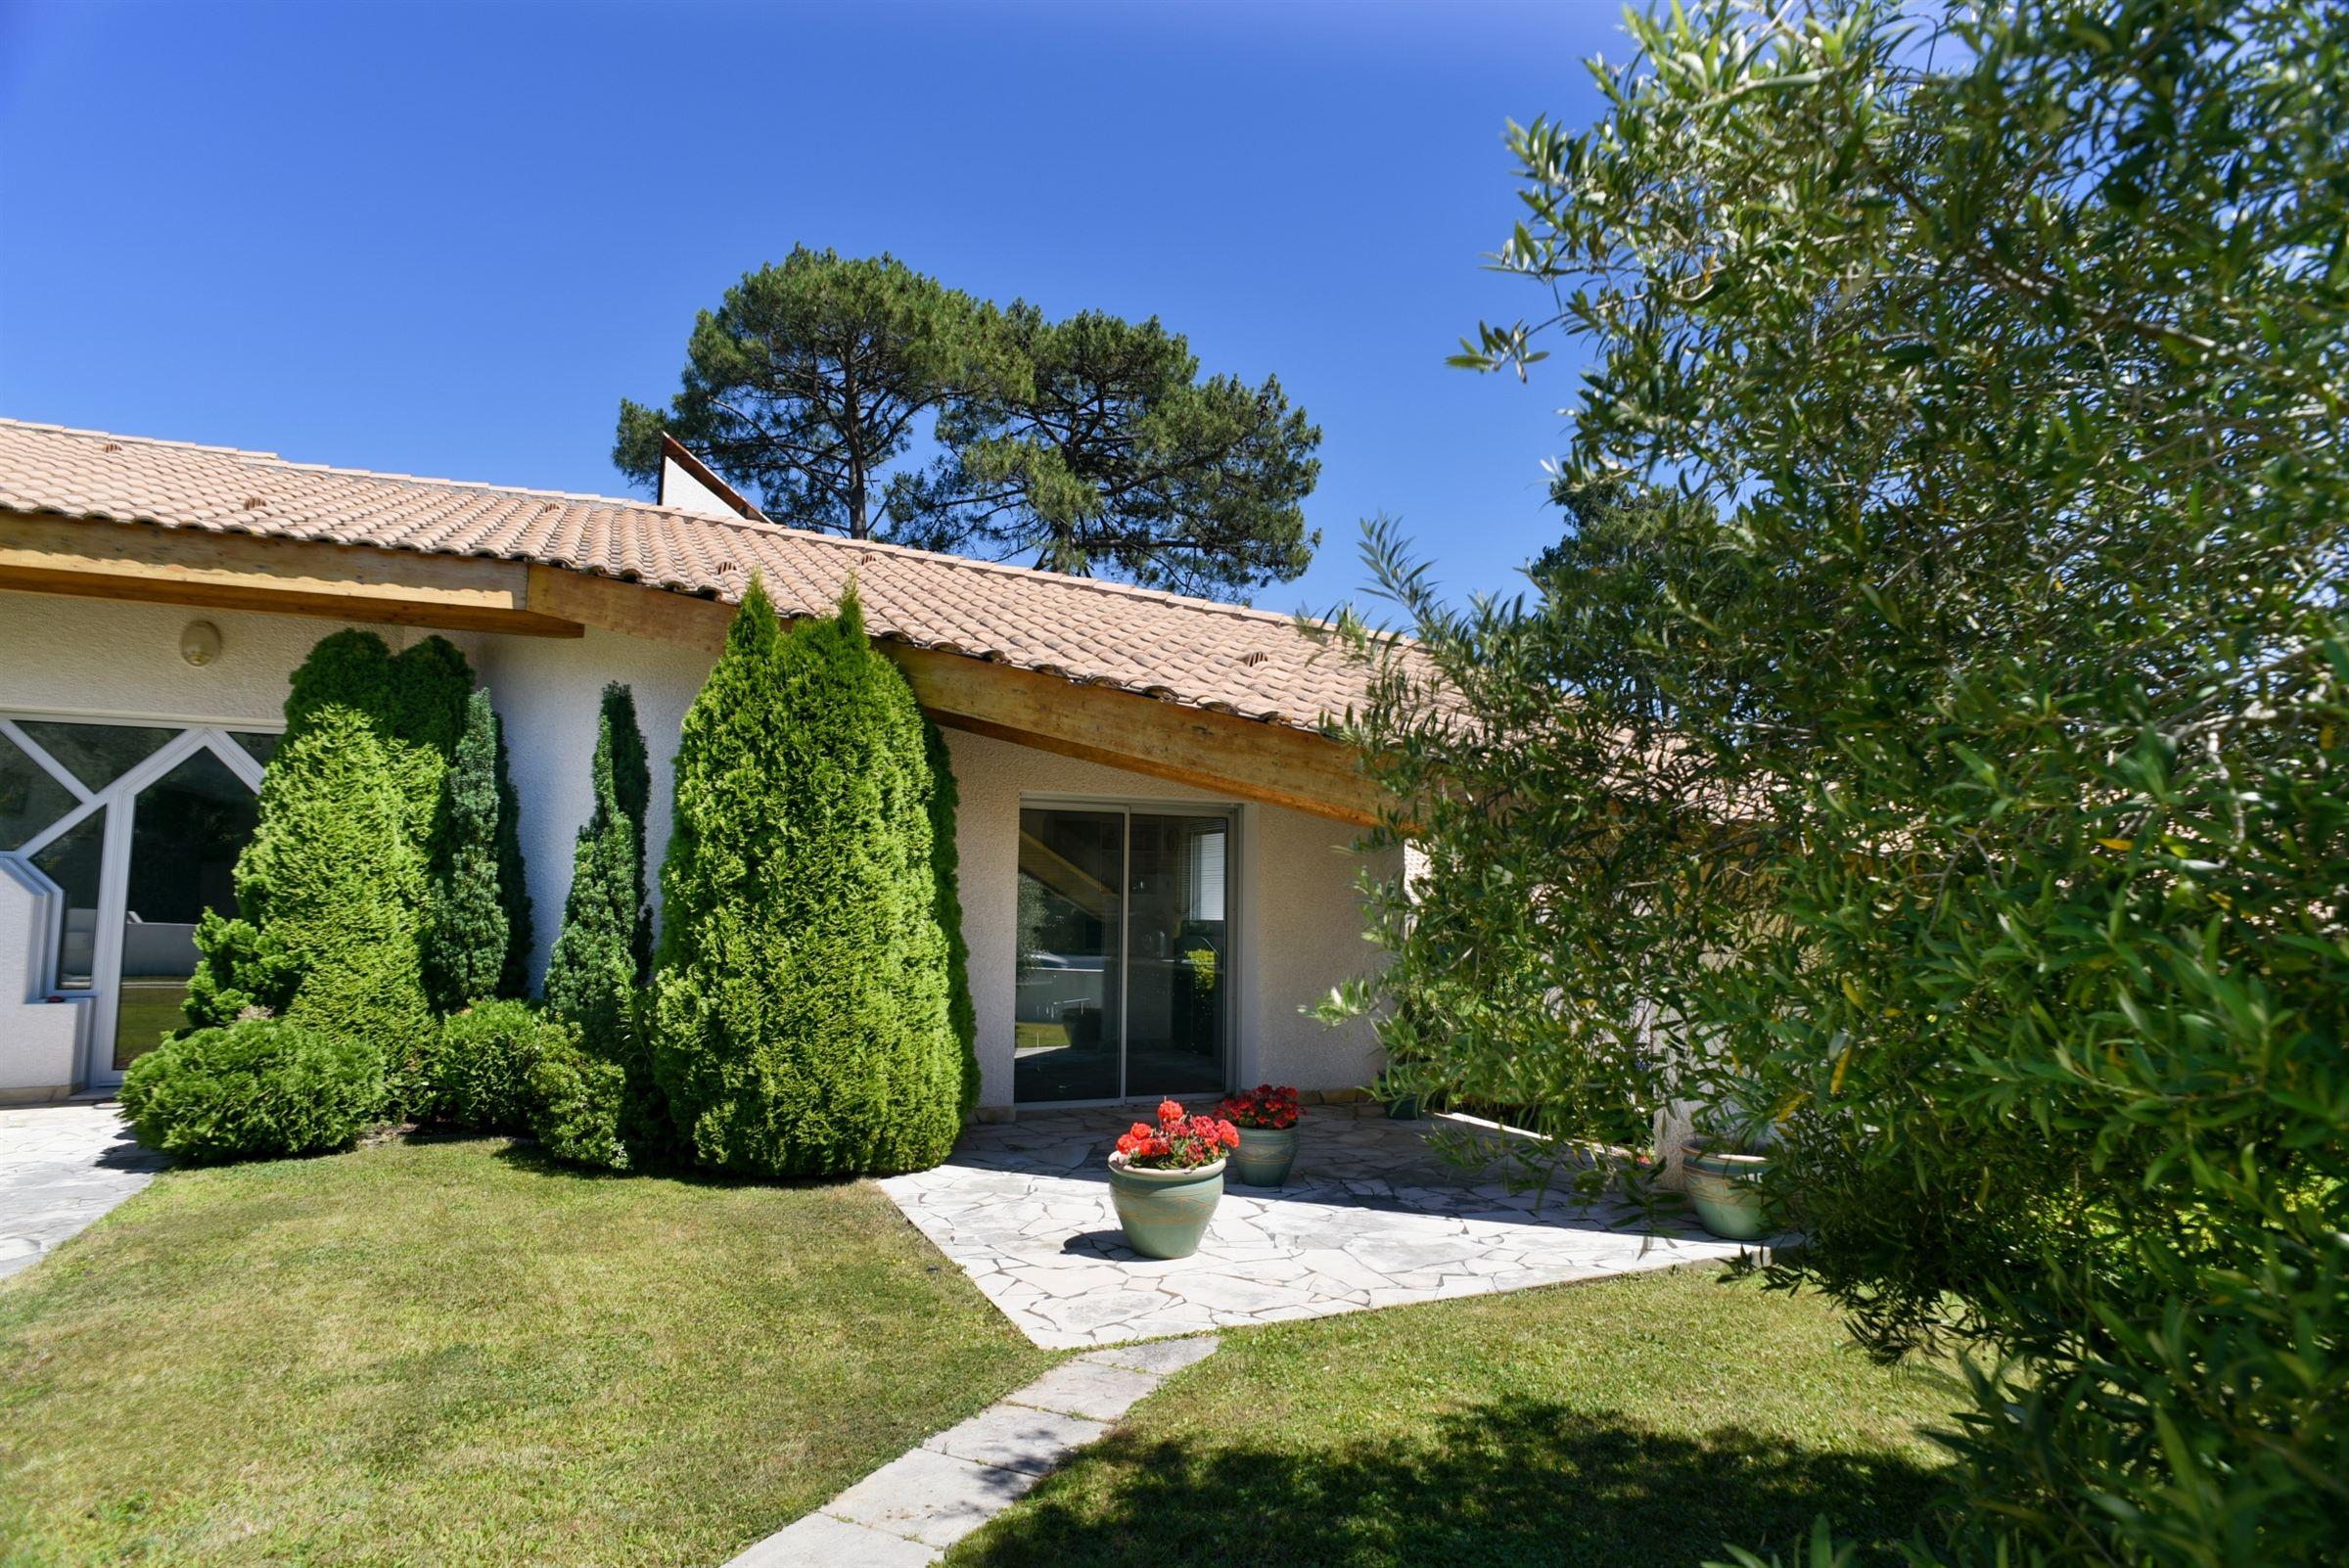 Villa per Vendita alle ore PYLA SUR MER - VILLA WITH SWIMMING POOL Pyla Sur Mer, Aquitania, 33115 Francia